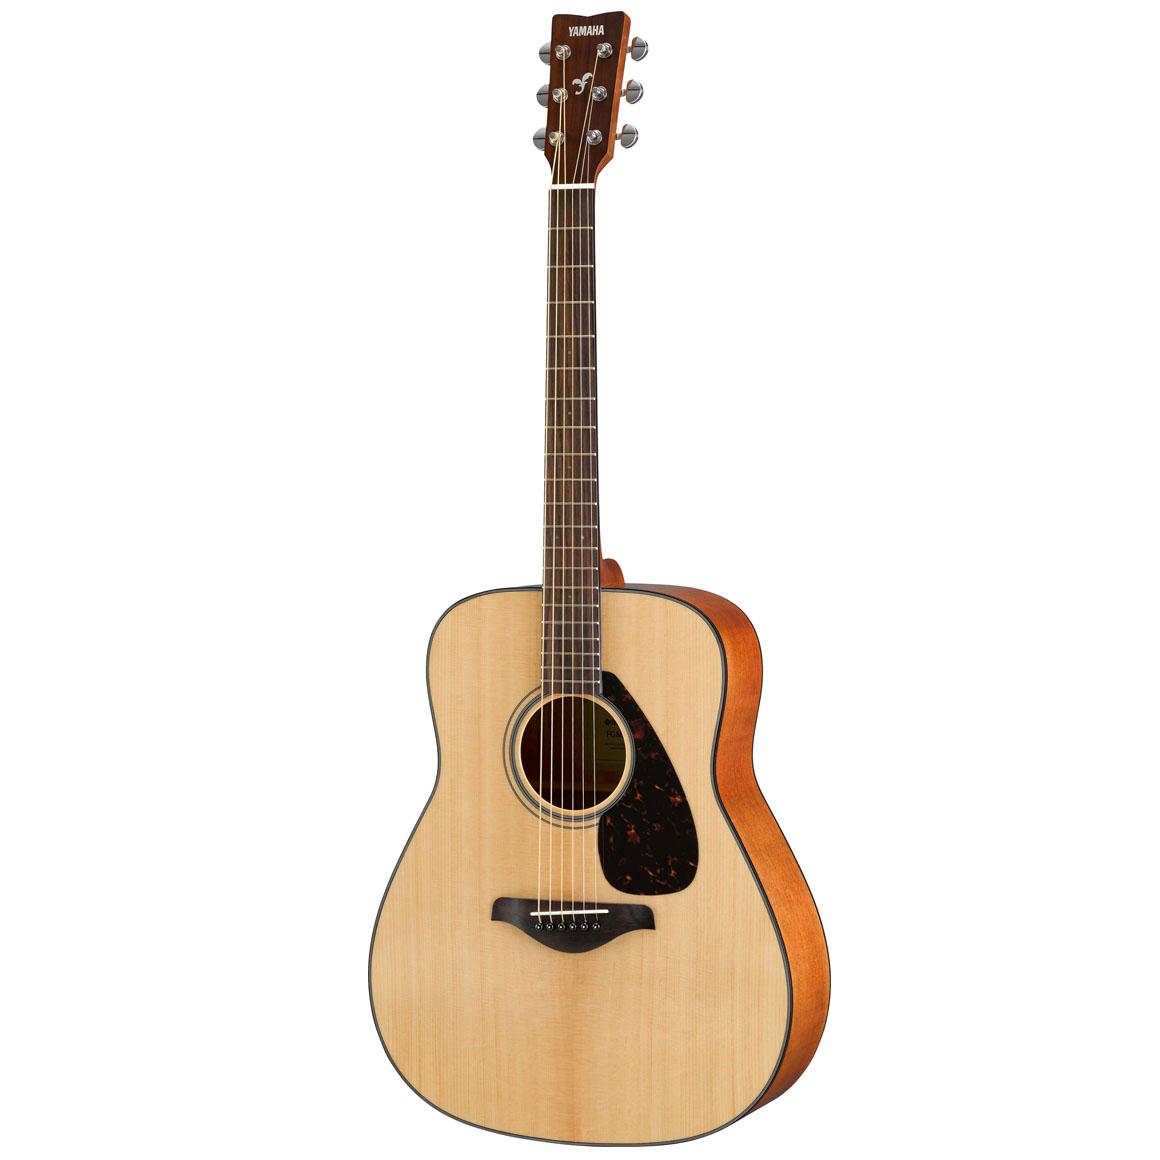 yamaha fg800 natural finish acoustic guitar